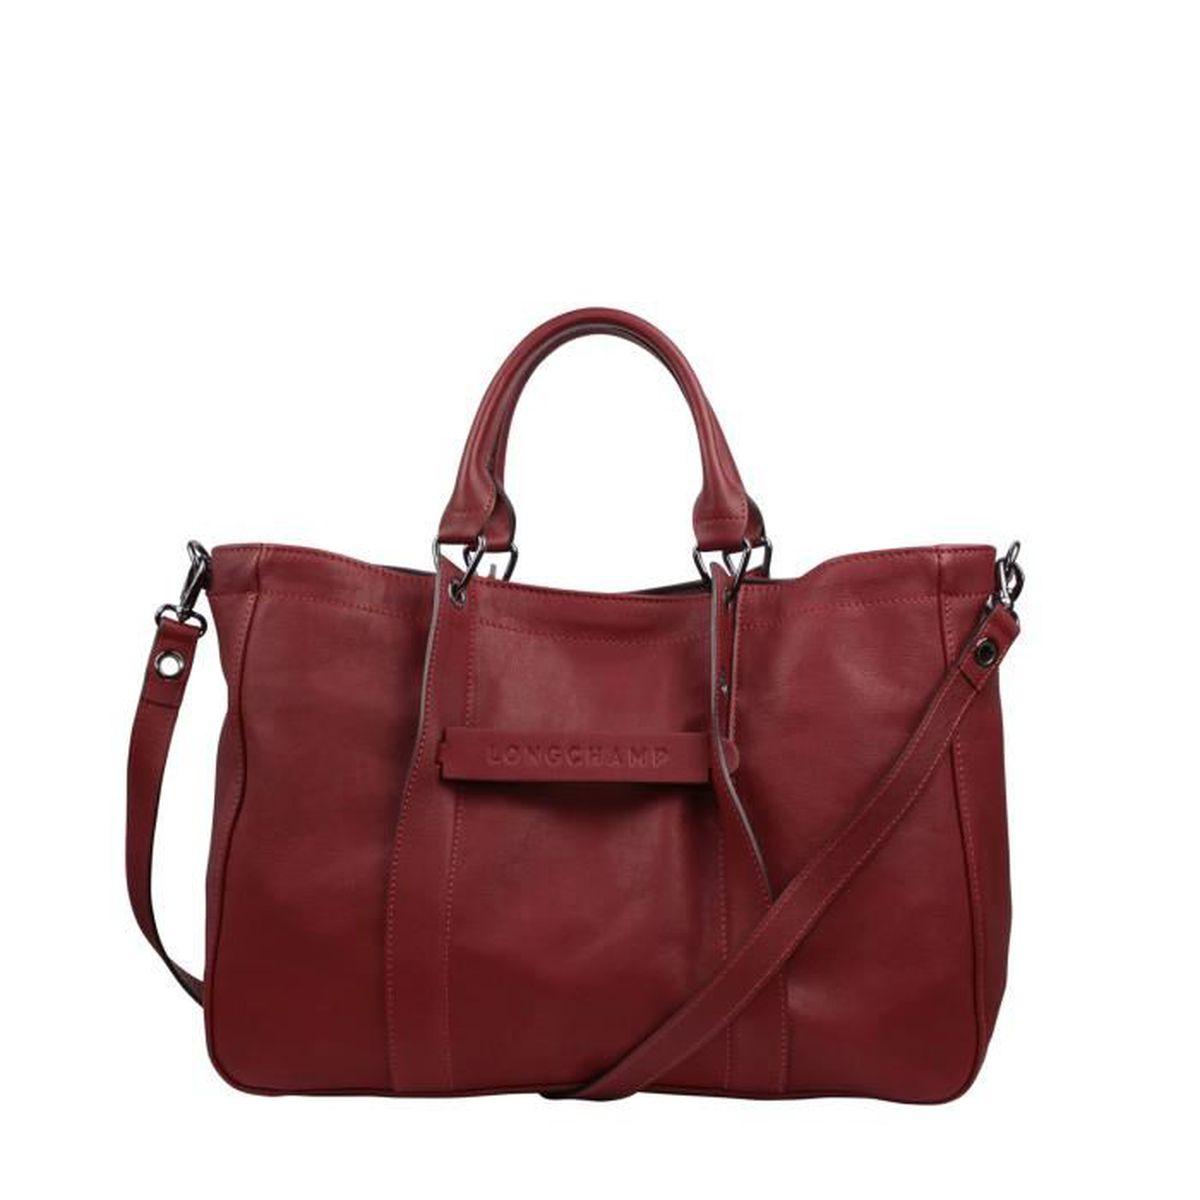 642be110a5954 LONGCHAMP - sac femme porté main et bandoulière en cuir - ROUGE ...